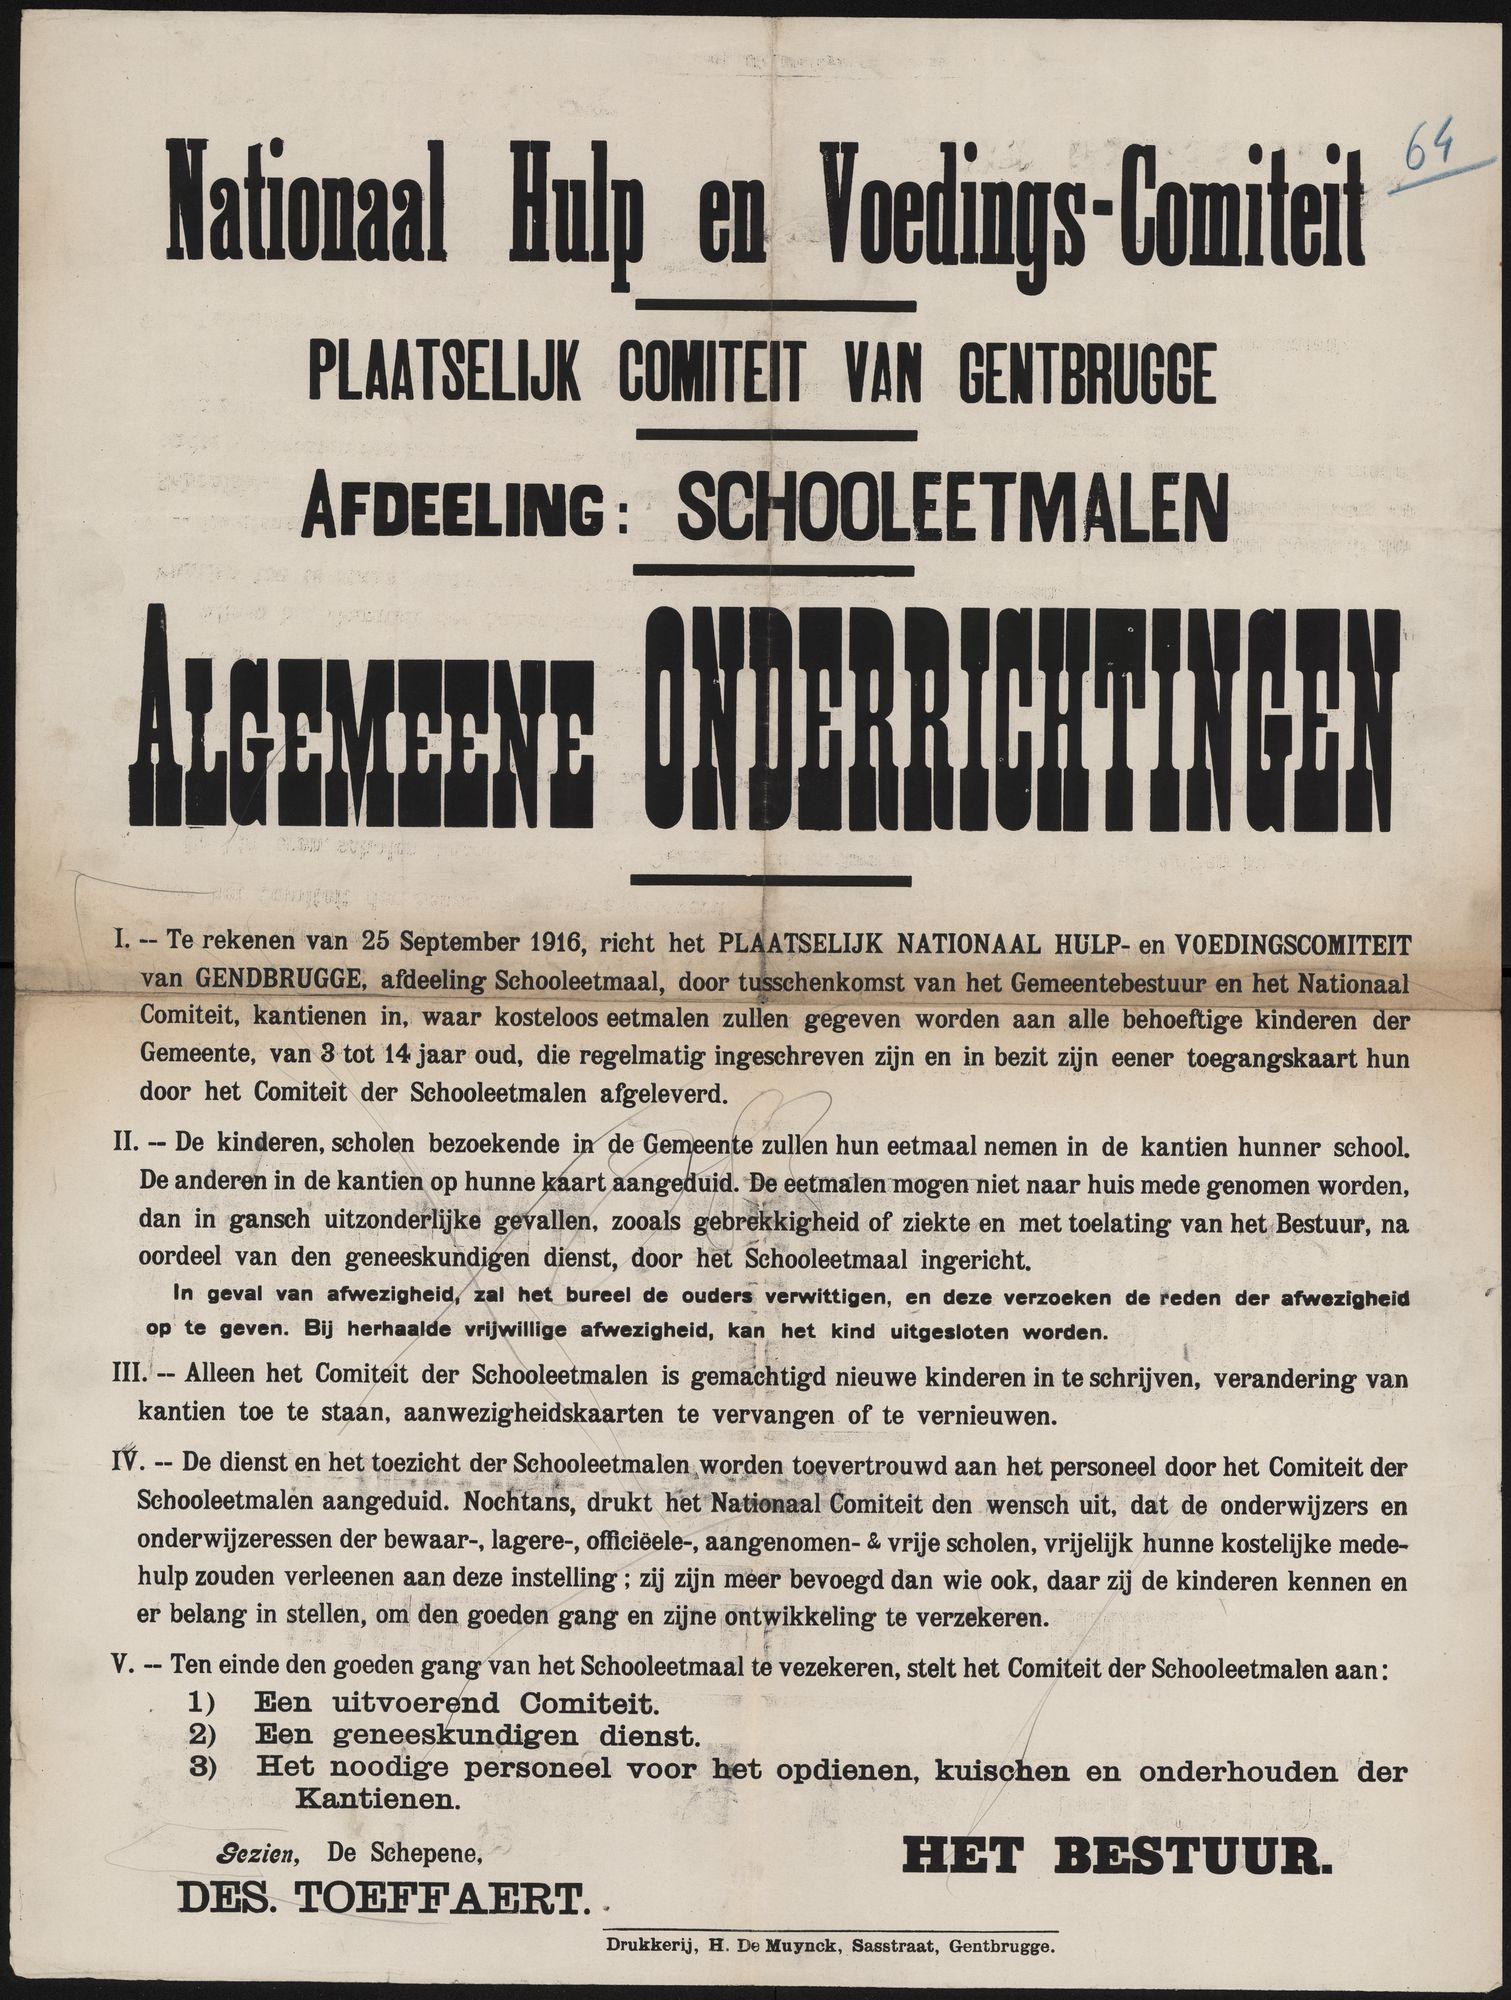 Nationaal Hulp- en Voedings-Comiteit, Plaatselijk Comiteit van Gentbrugge, Afdeeling: Schooleetmalen, Algemeene onderrichtingen.